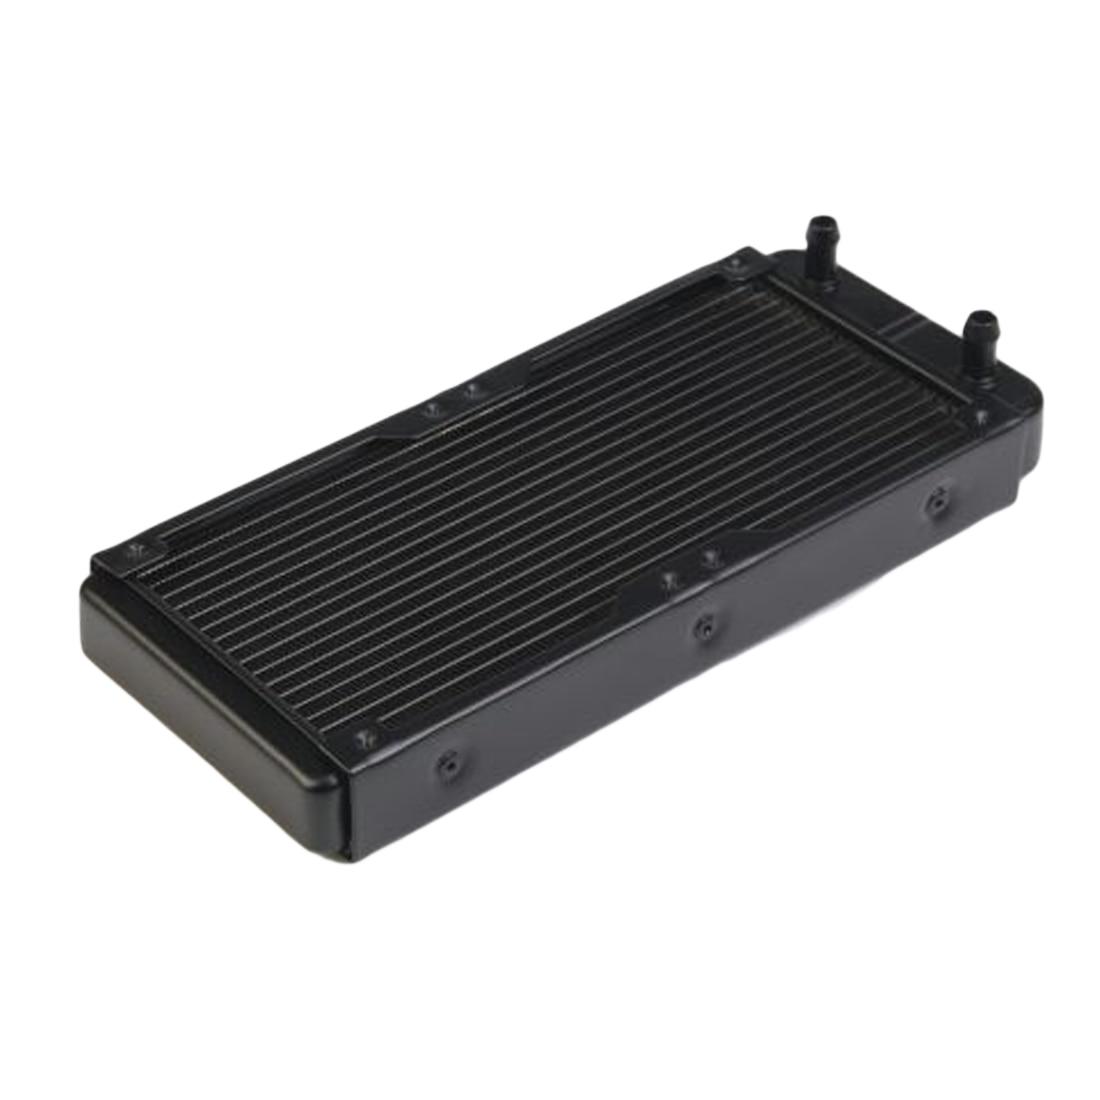 NOYOKERE di Alta Qualità 240mm G1/4 Del Computer In Alluminio Del Radiatore di Raffreddamento Ad Acqua Per CPU Dissipatore di Calore HA PORTATO